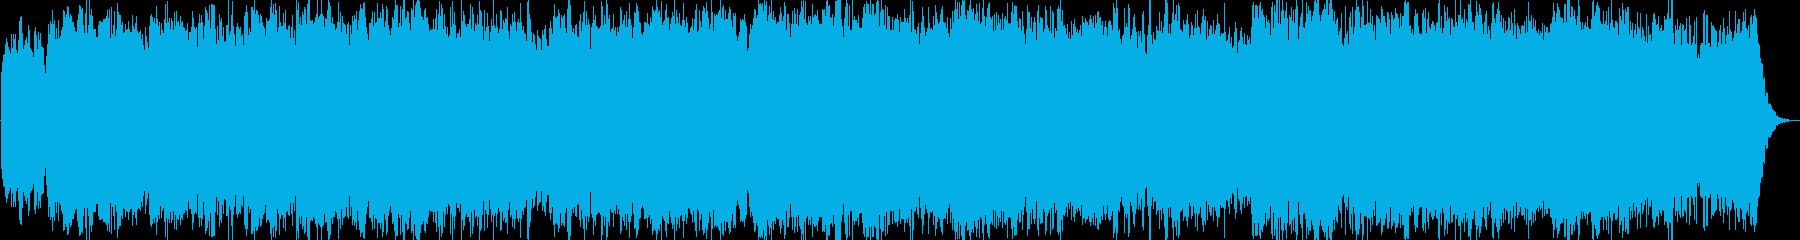 Fitz Royの再生済みの波形